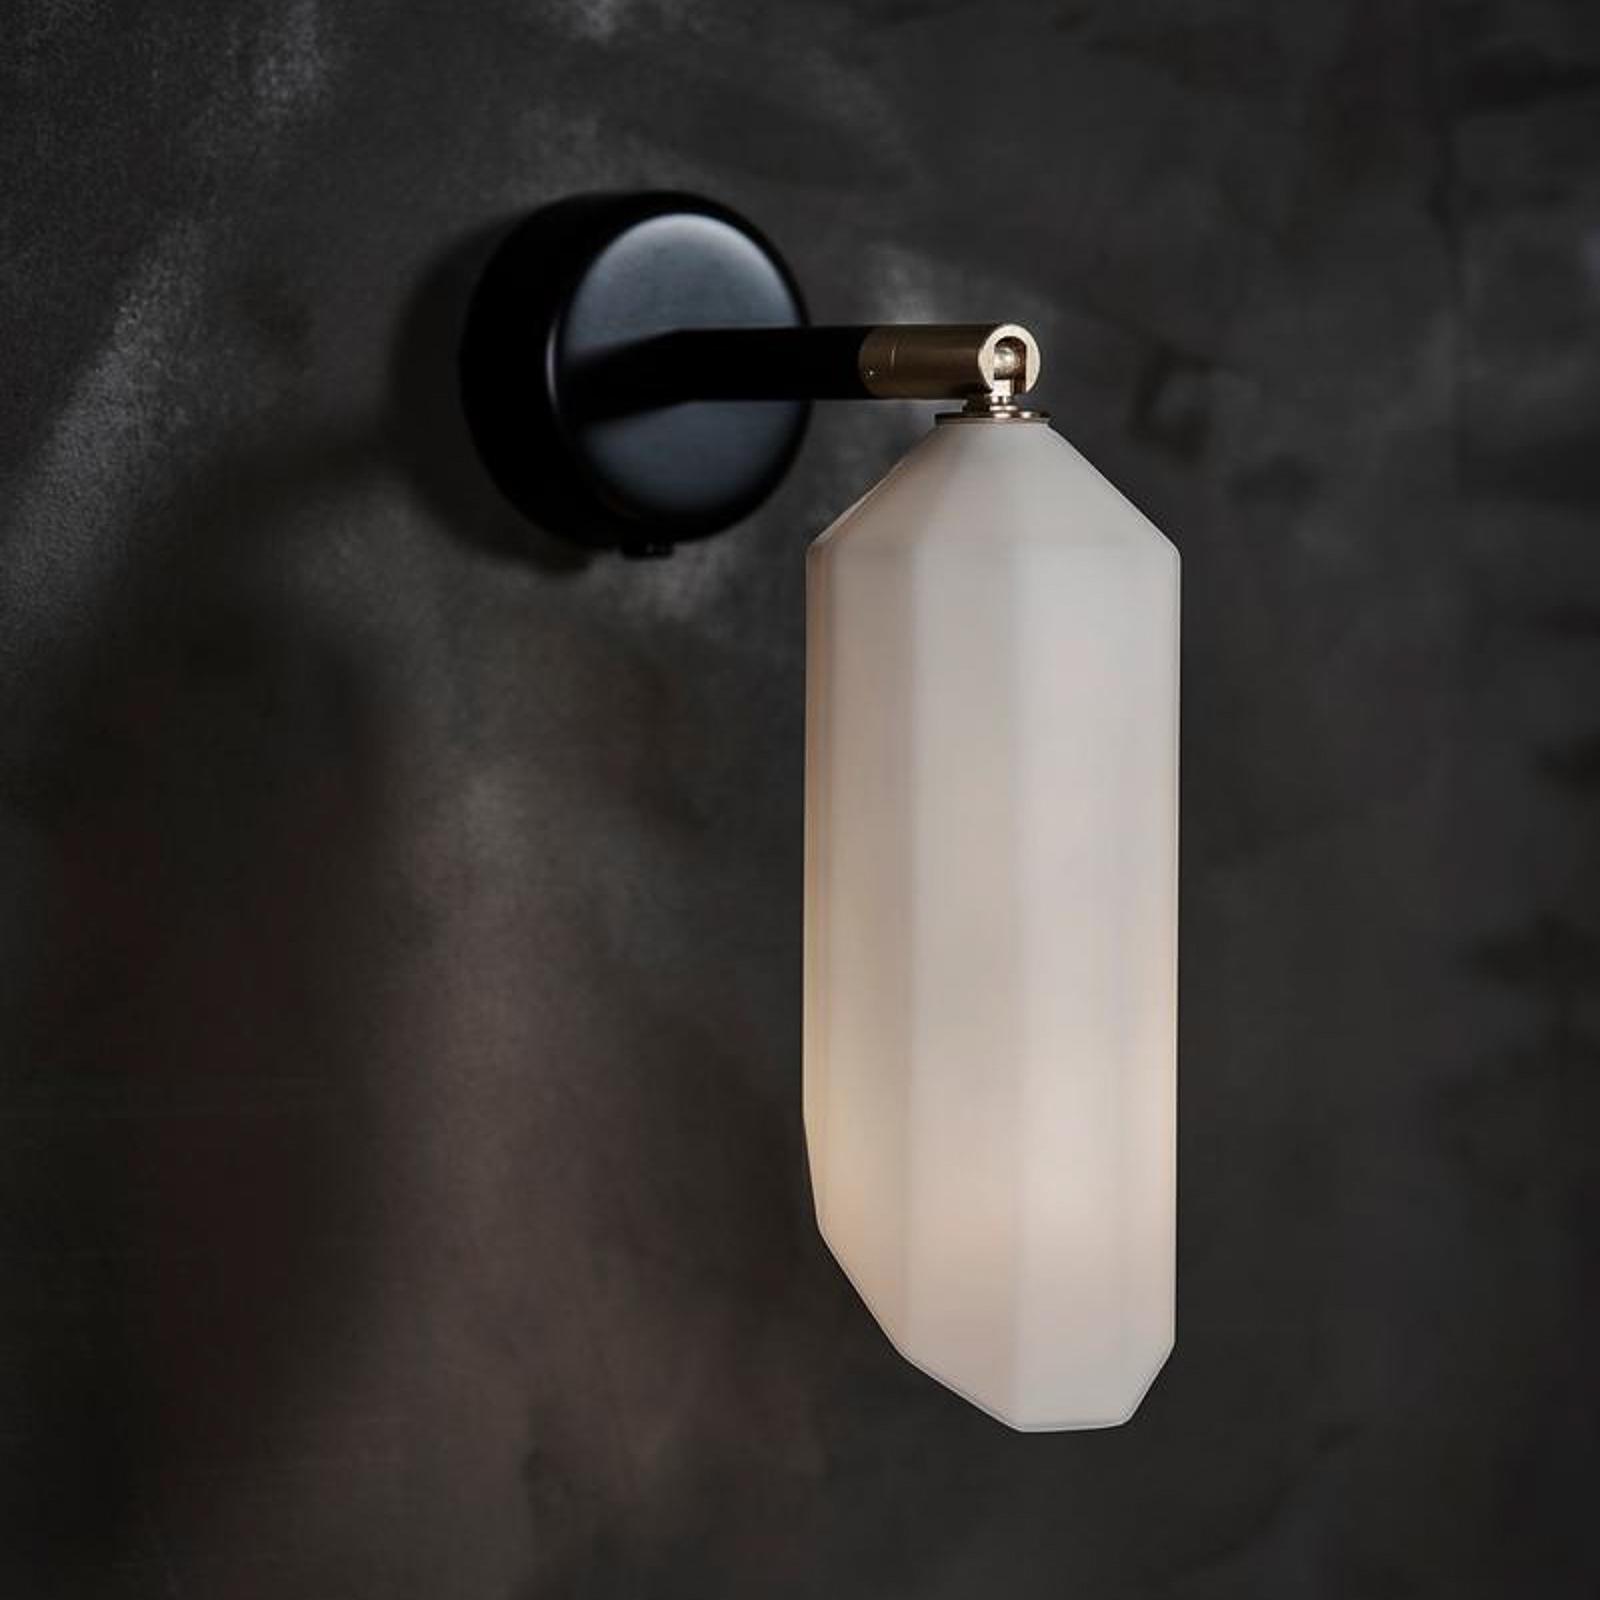 LE KLINT Pliverre væglampe med skærm af opalglas